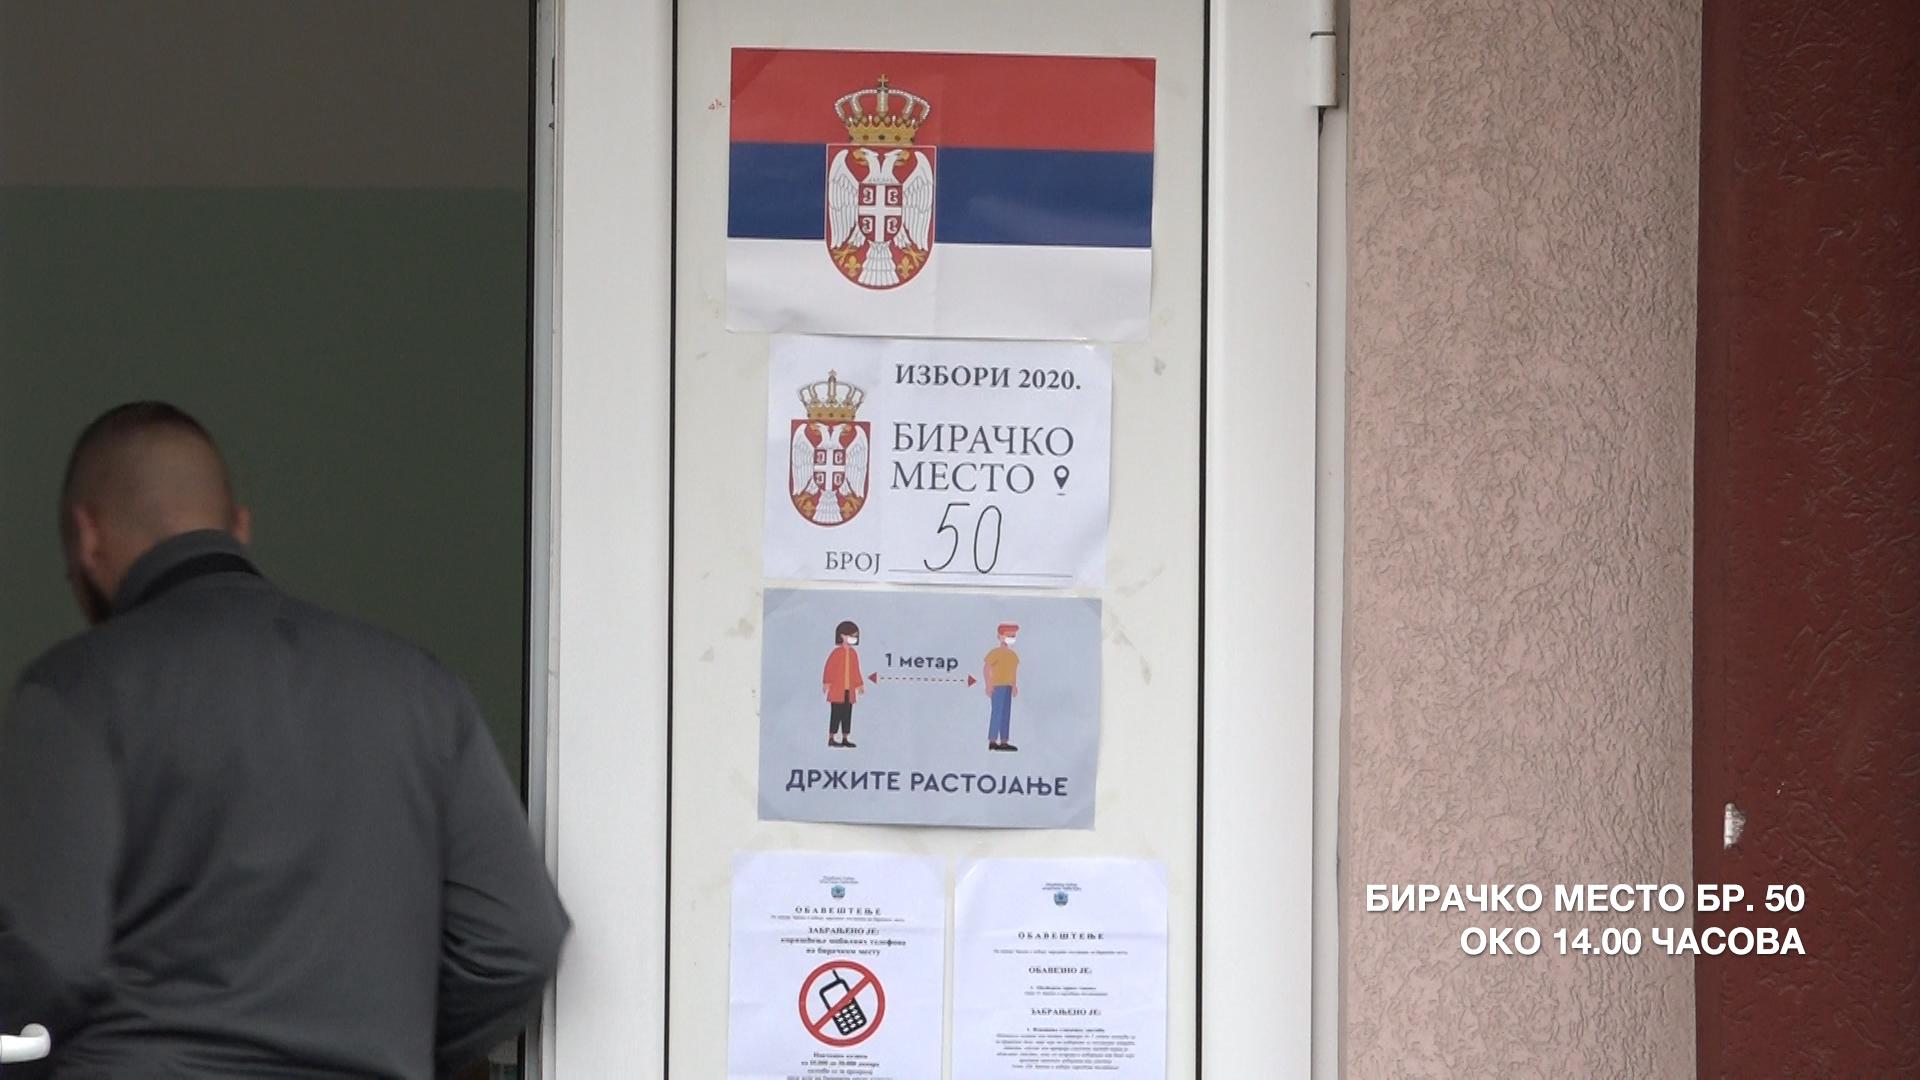 Izborni proces u Paraćinu – biračka mesta u Stubici, Popovcu i Bošnjanu